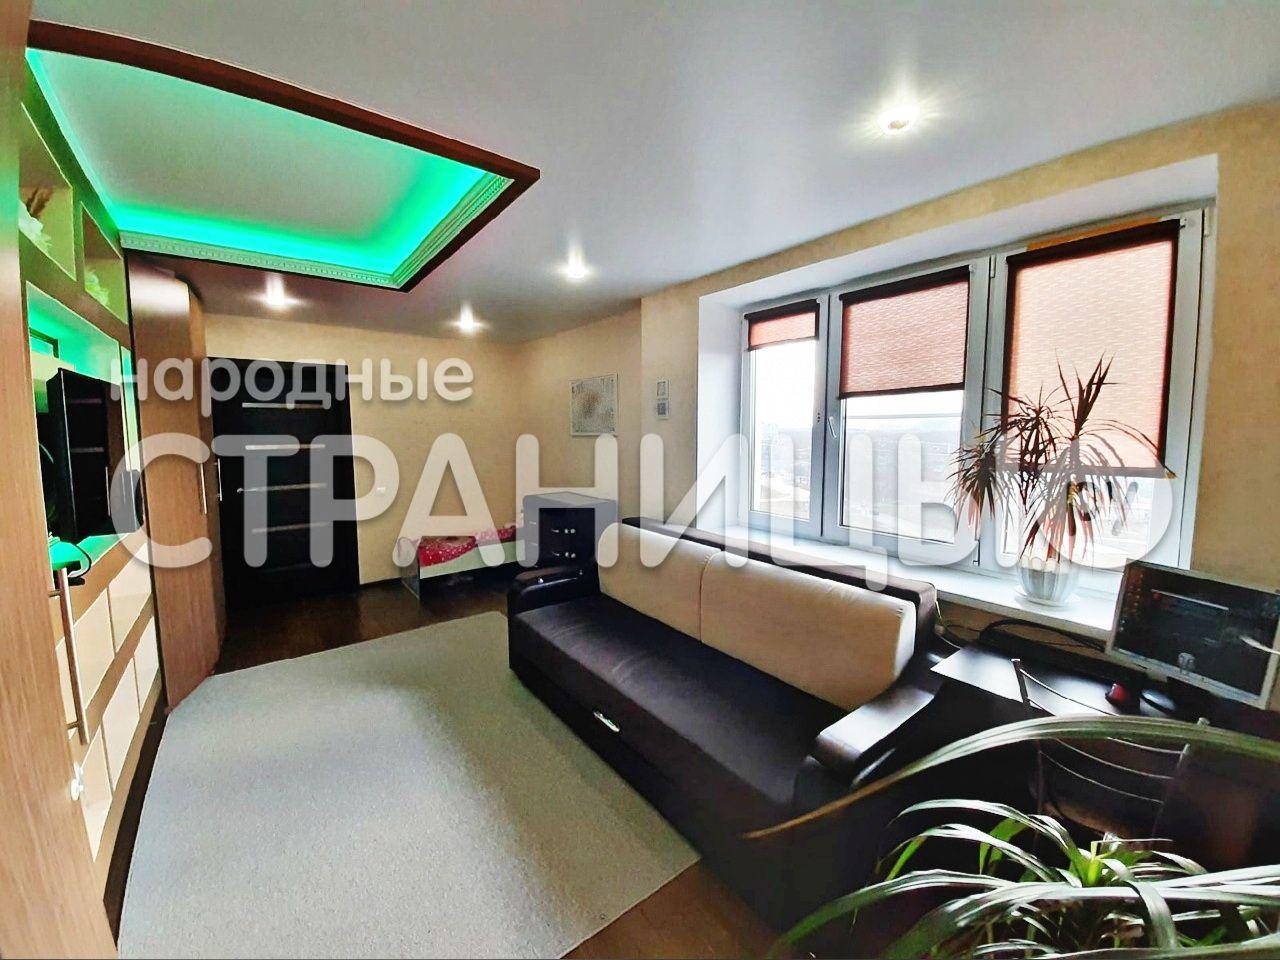 1-комнатная квартира, 40.0 м²,  10/16 эт. Панельный дом, Вторичное жилье